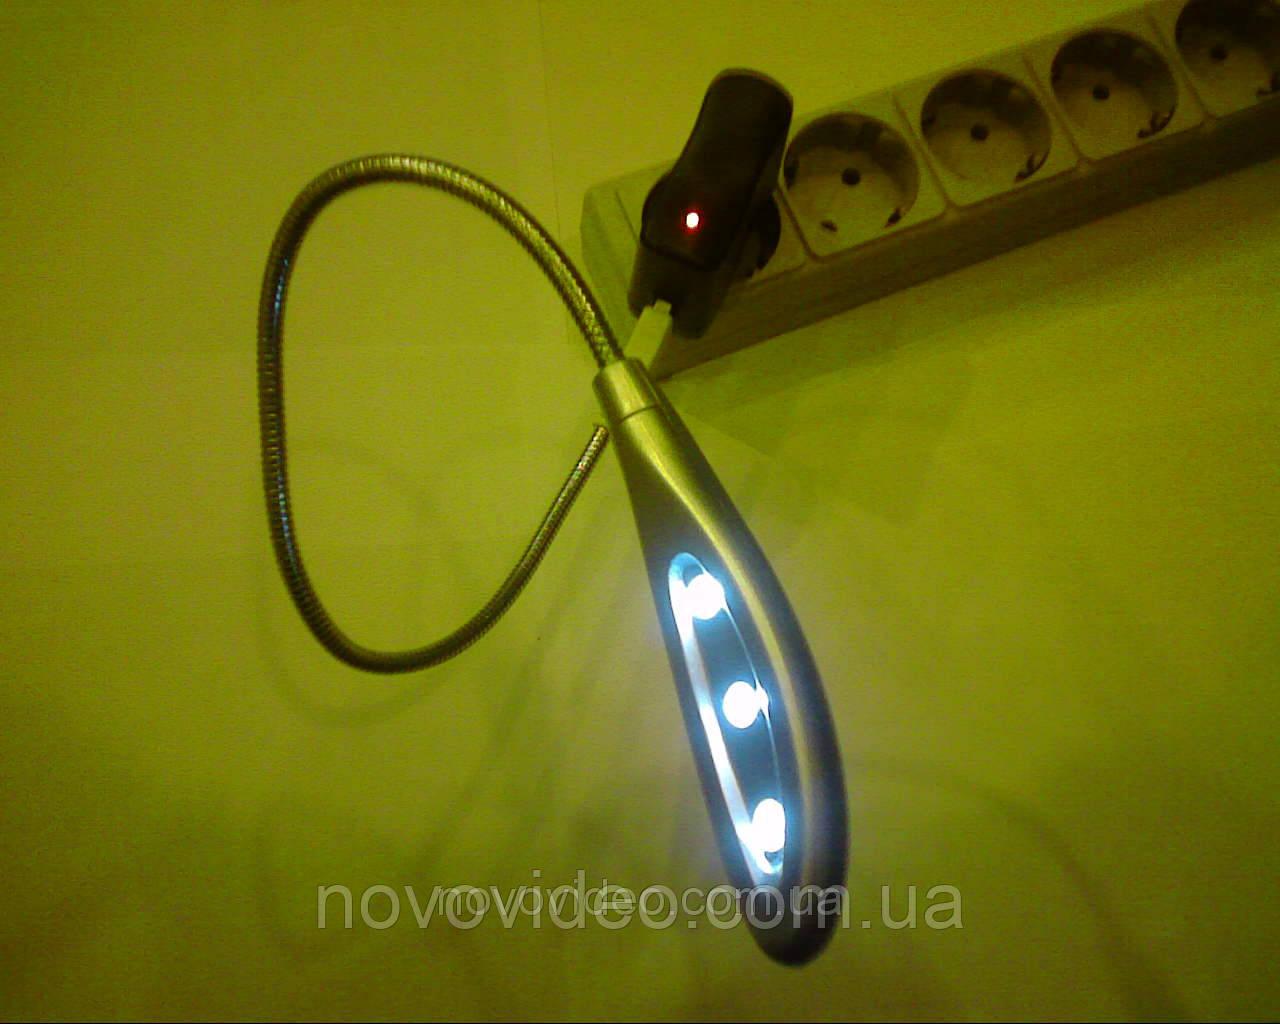 USB-лампа для ноутбука в комплекте с блоком питания